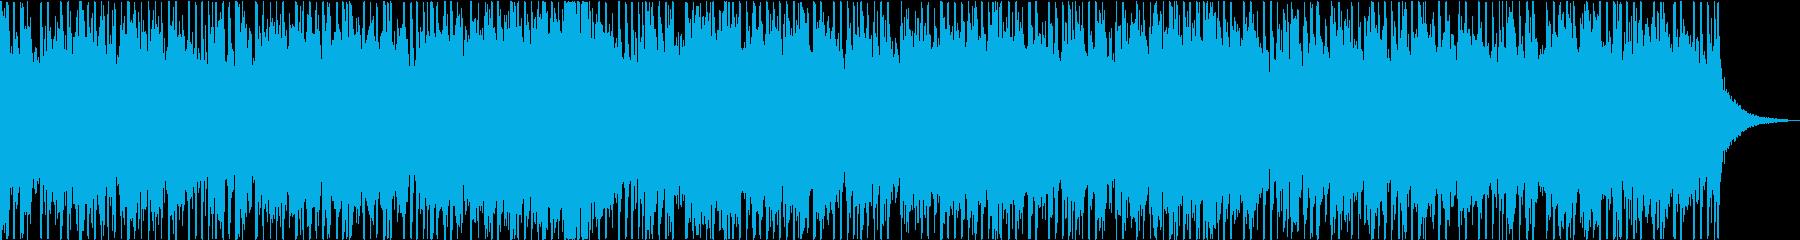 ダークで不穏・ヘヴィなエレキのメタルの再生済みの波形